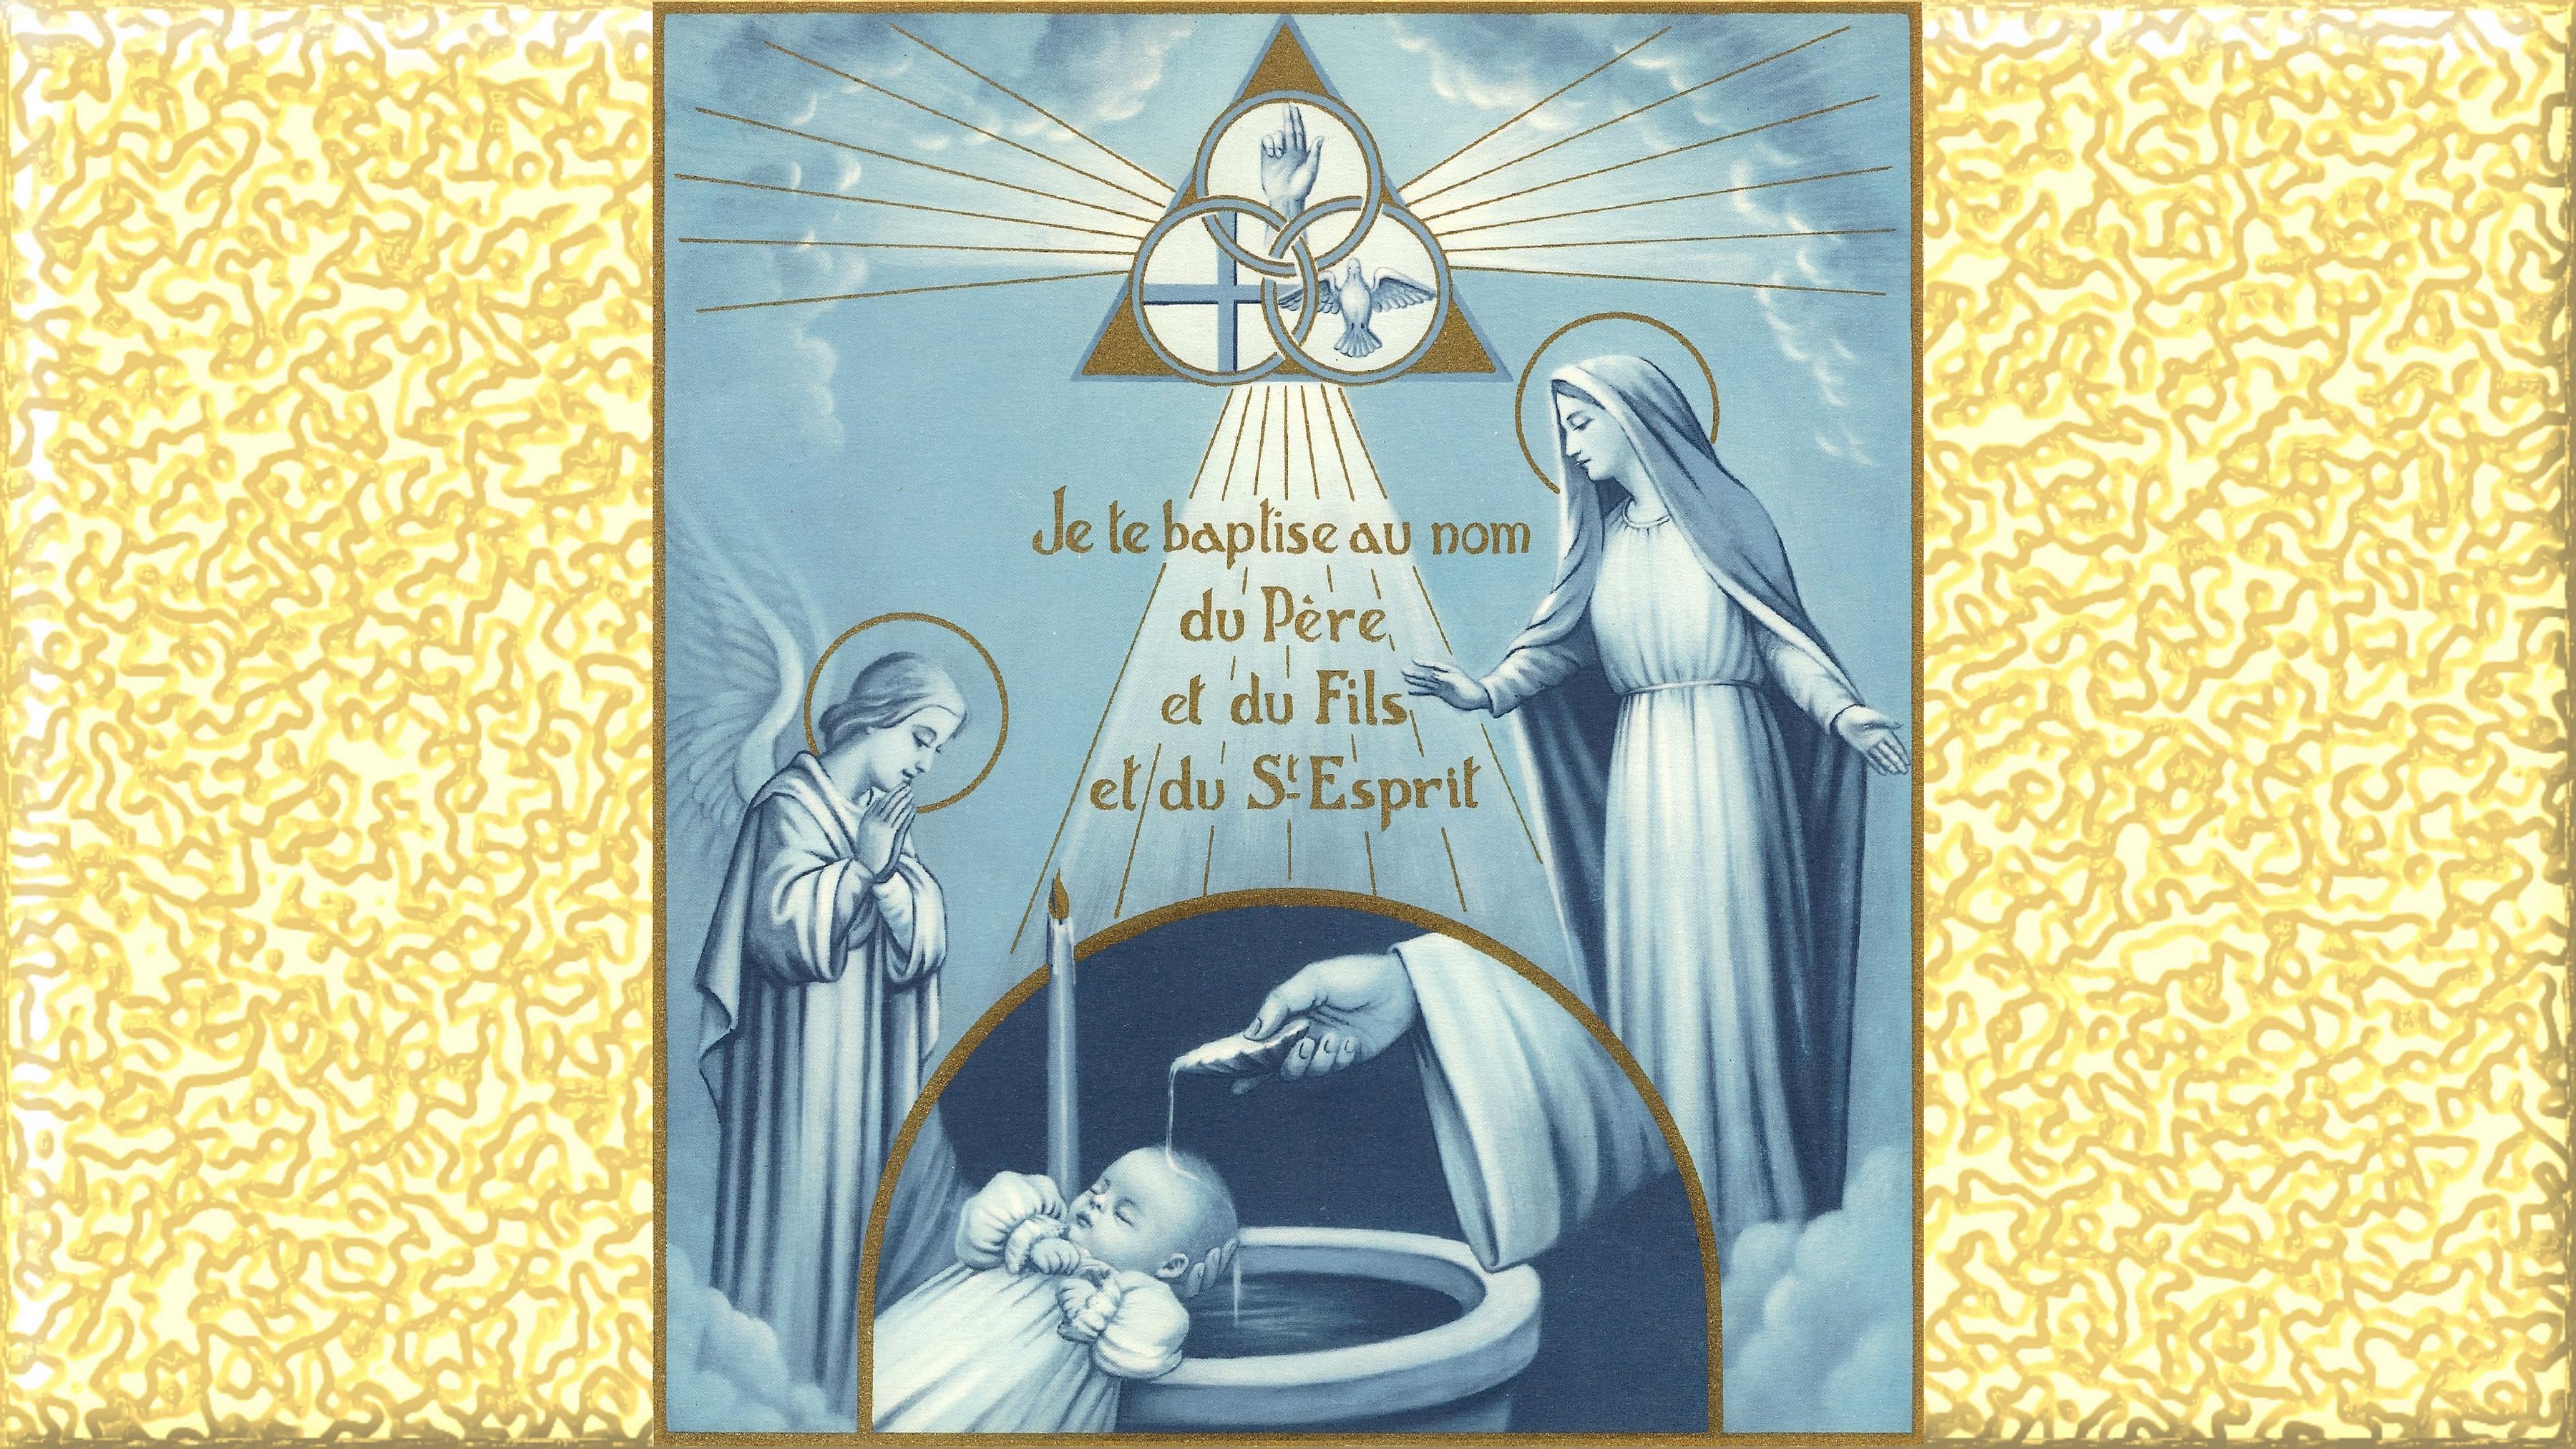 Pour la VALIDITÉ du BAPTÊME l'EAU DOIT COULER SUR la PEAU en même temps que les paroles sont dites Le-bapt-me-5610191